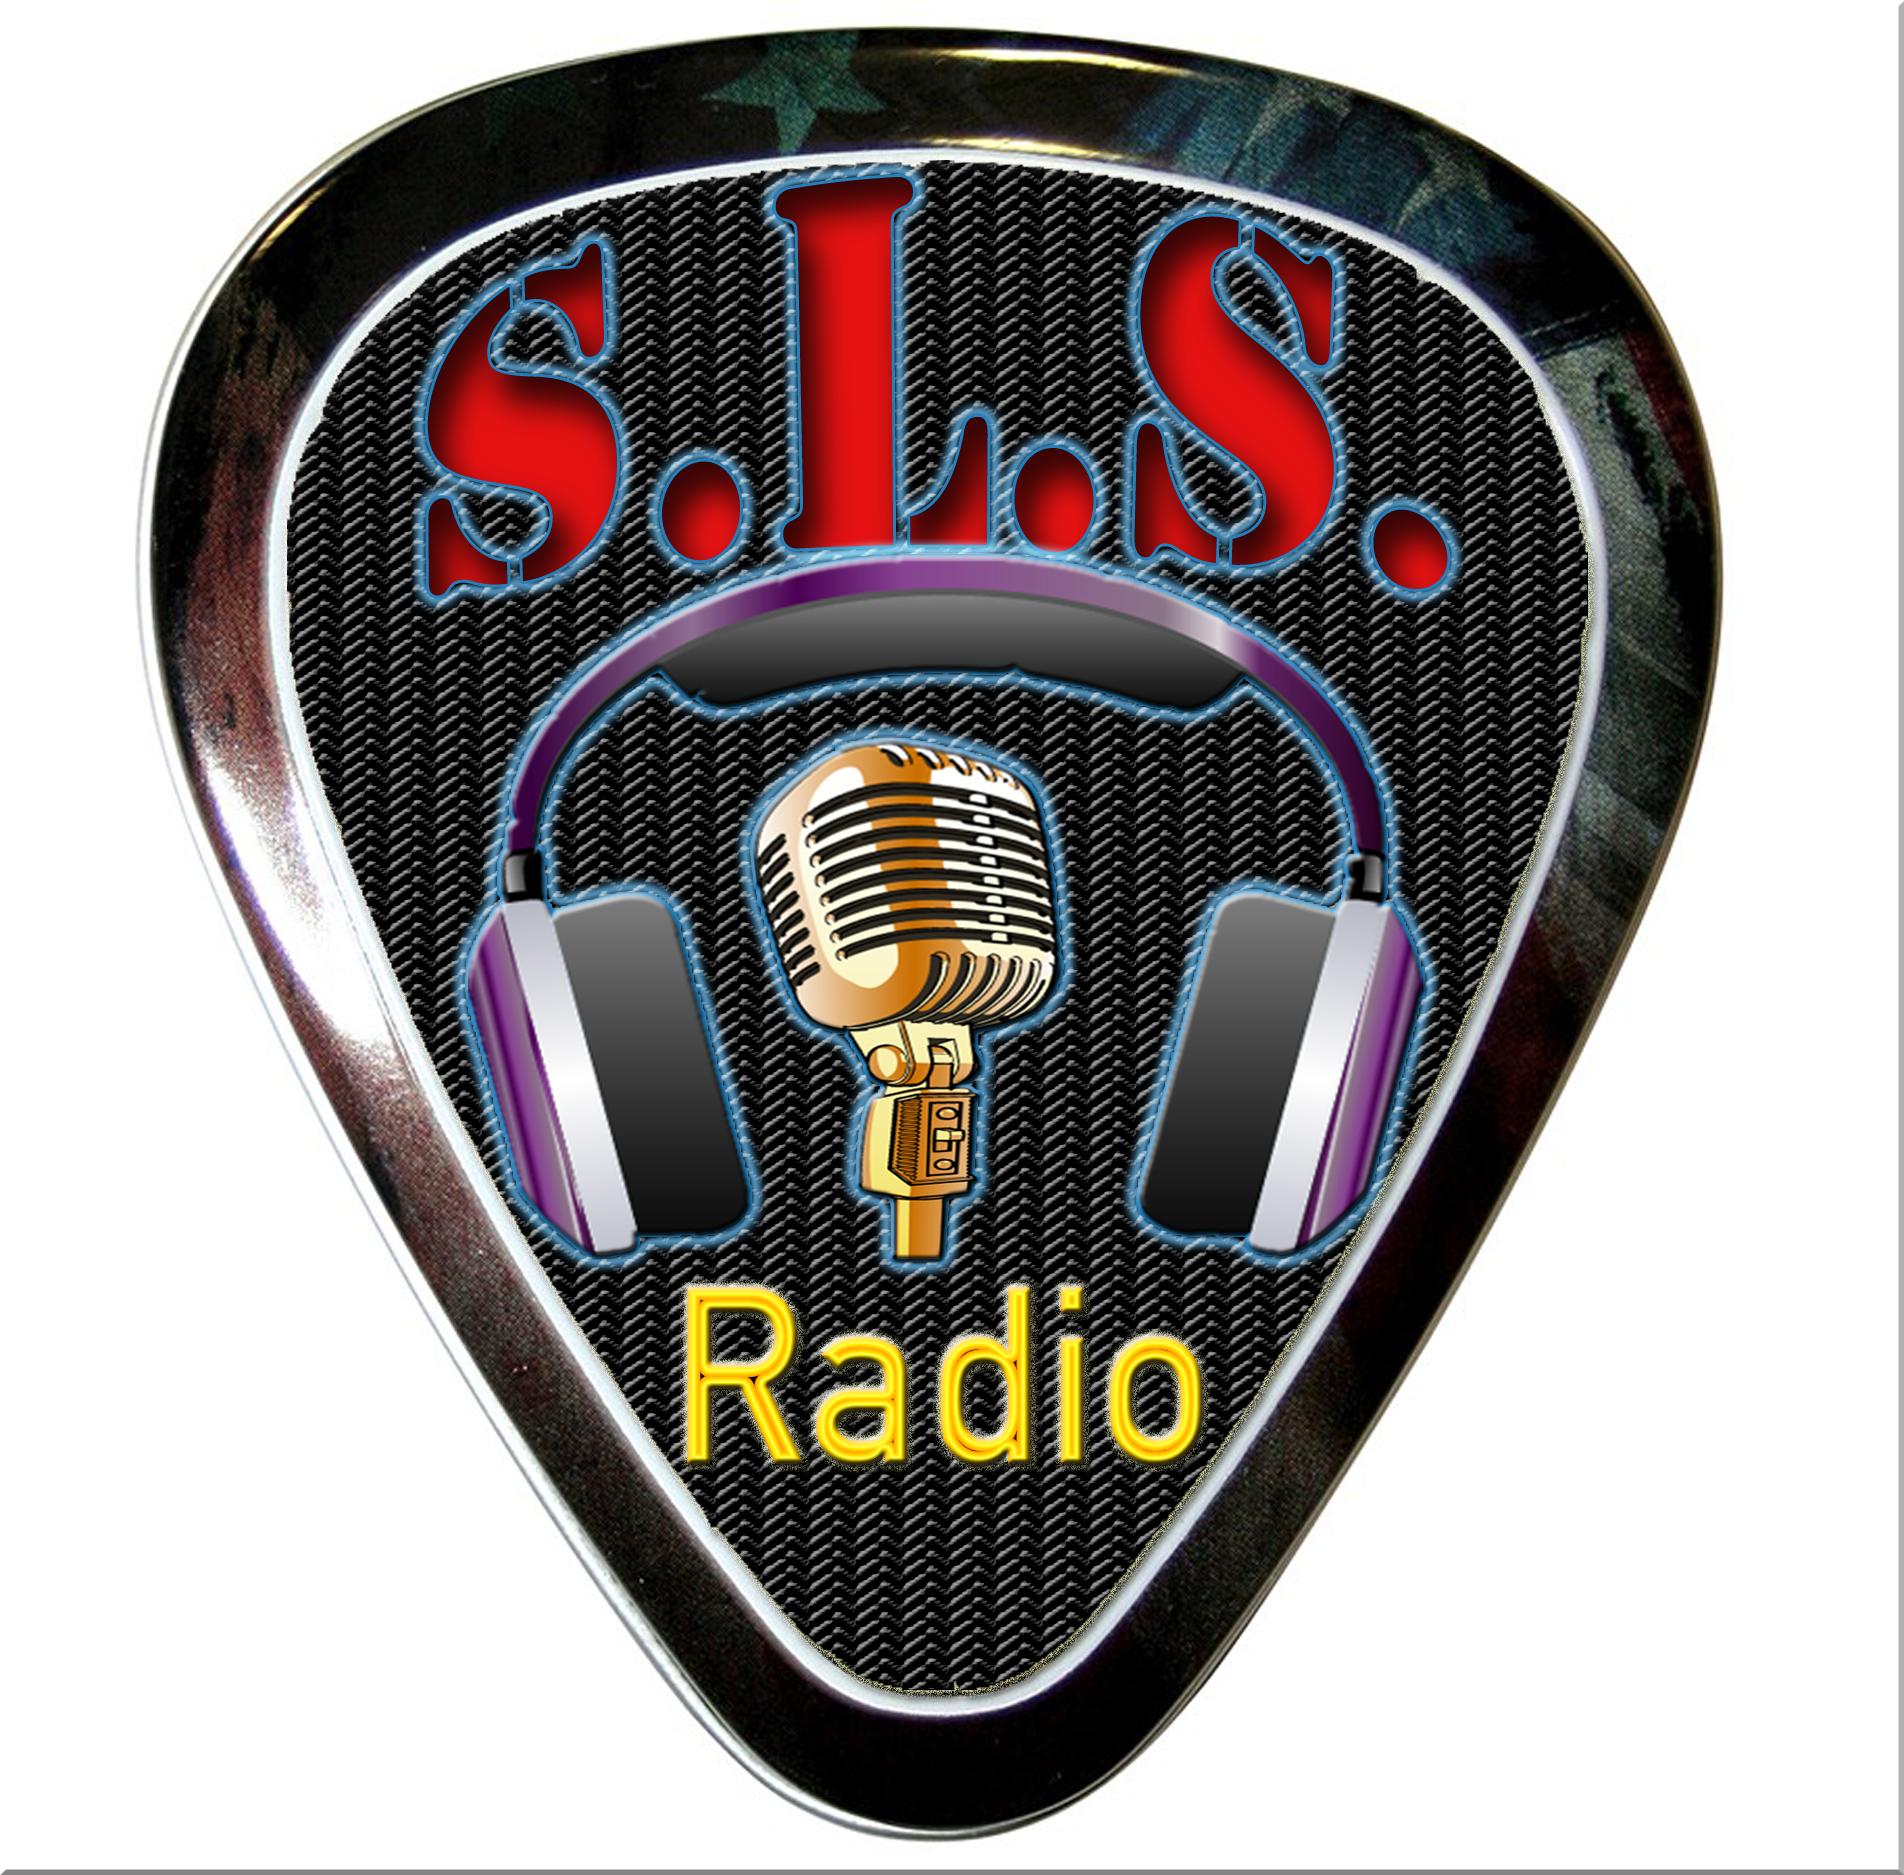 SLS radio, la web radio de Salut les Sixties | Le rock de toutes les générations des sixties au pop rock ses émissions FM